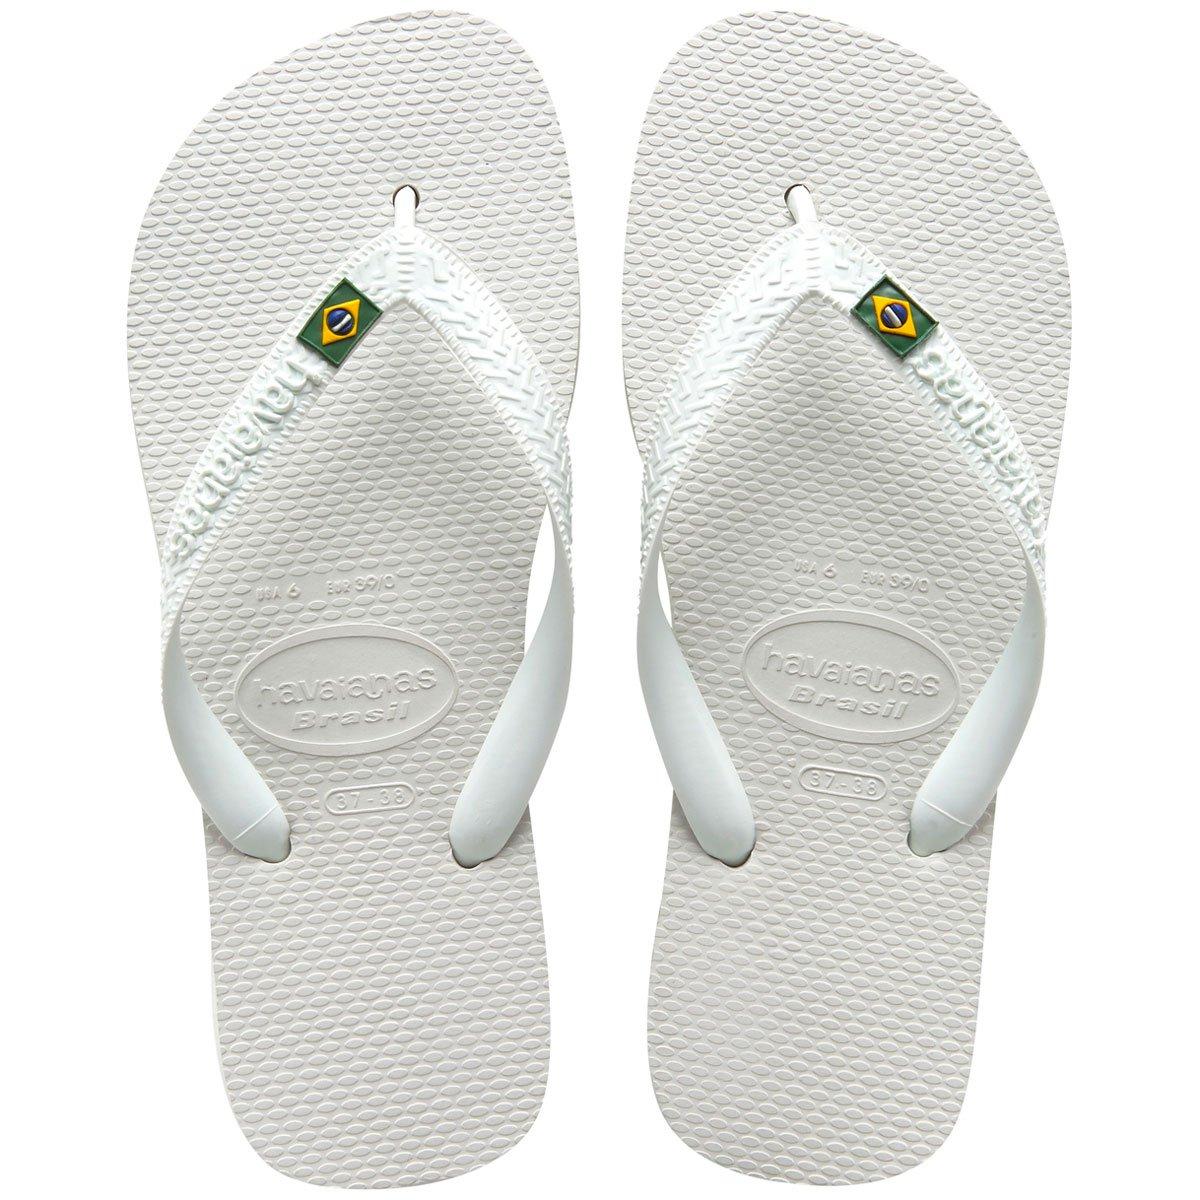 Brasil Havaianas Brasil Branco Havaianas Havaianas Branco Havaianas Havaianas Brasil Branco Branco Brasil Brasil Havaianas Branco Brasil aArARF